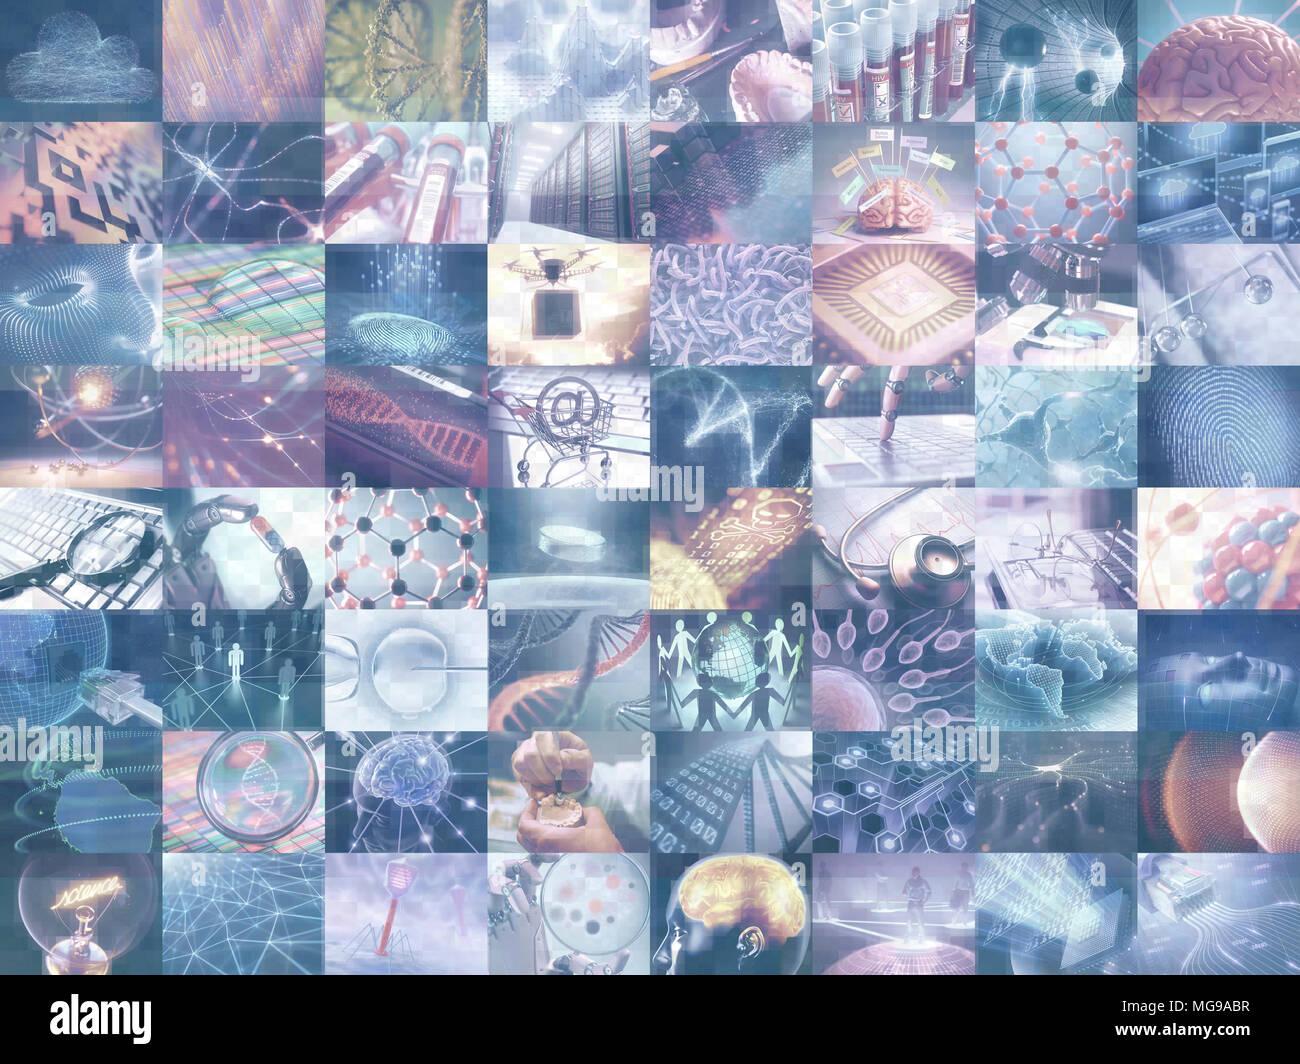 Montage von Wissenschaft und Technik Bilder, Illustration. Stockbild